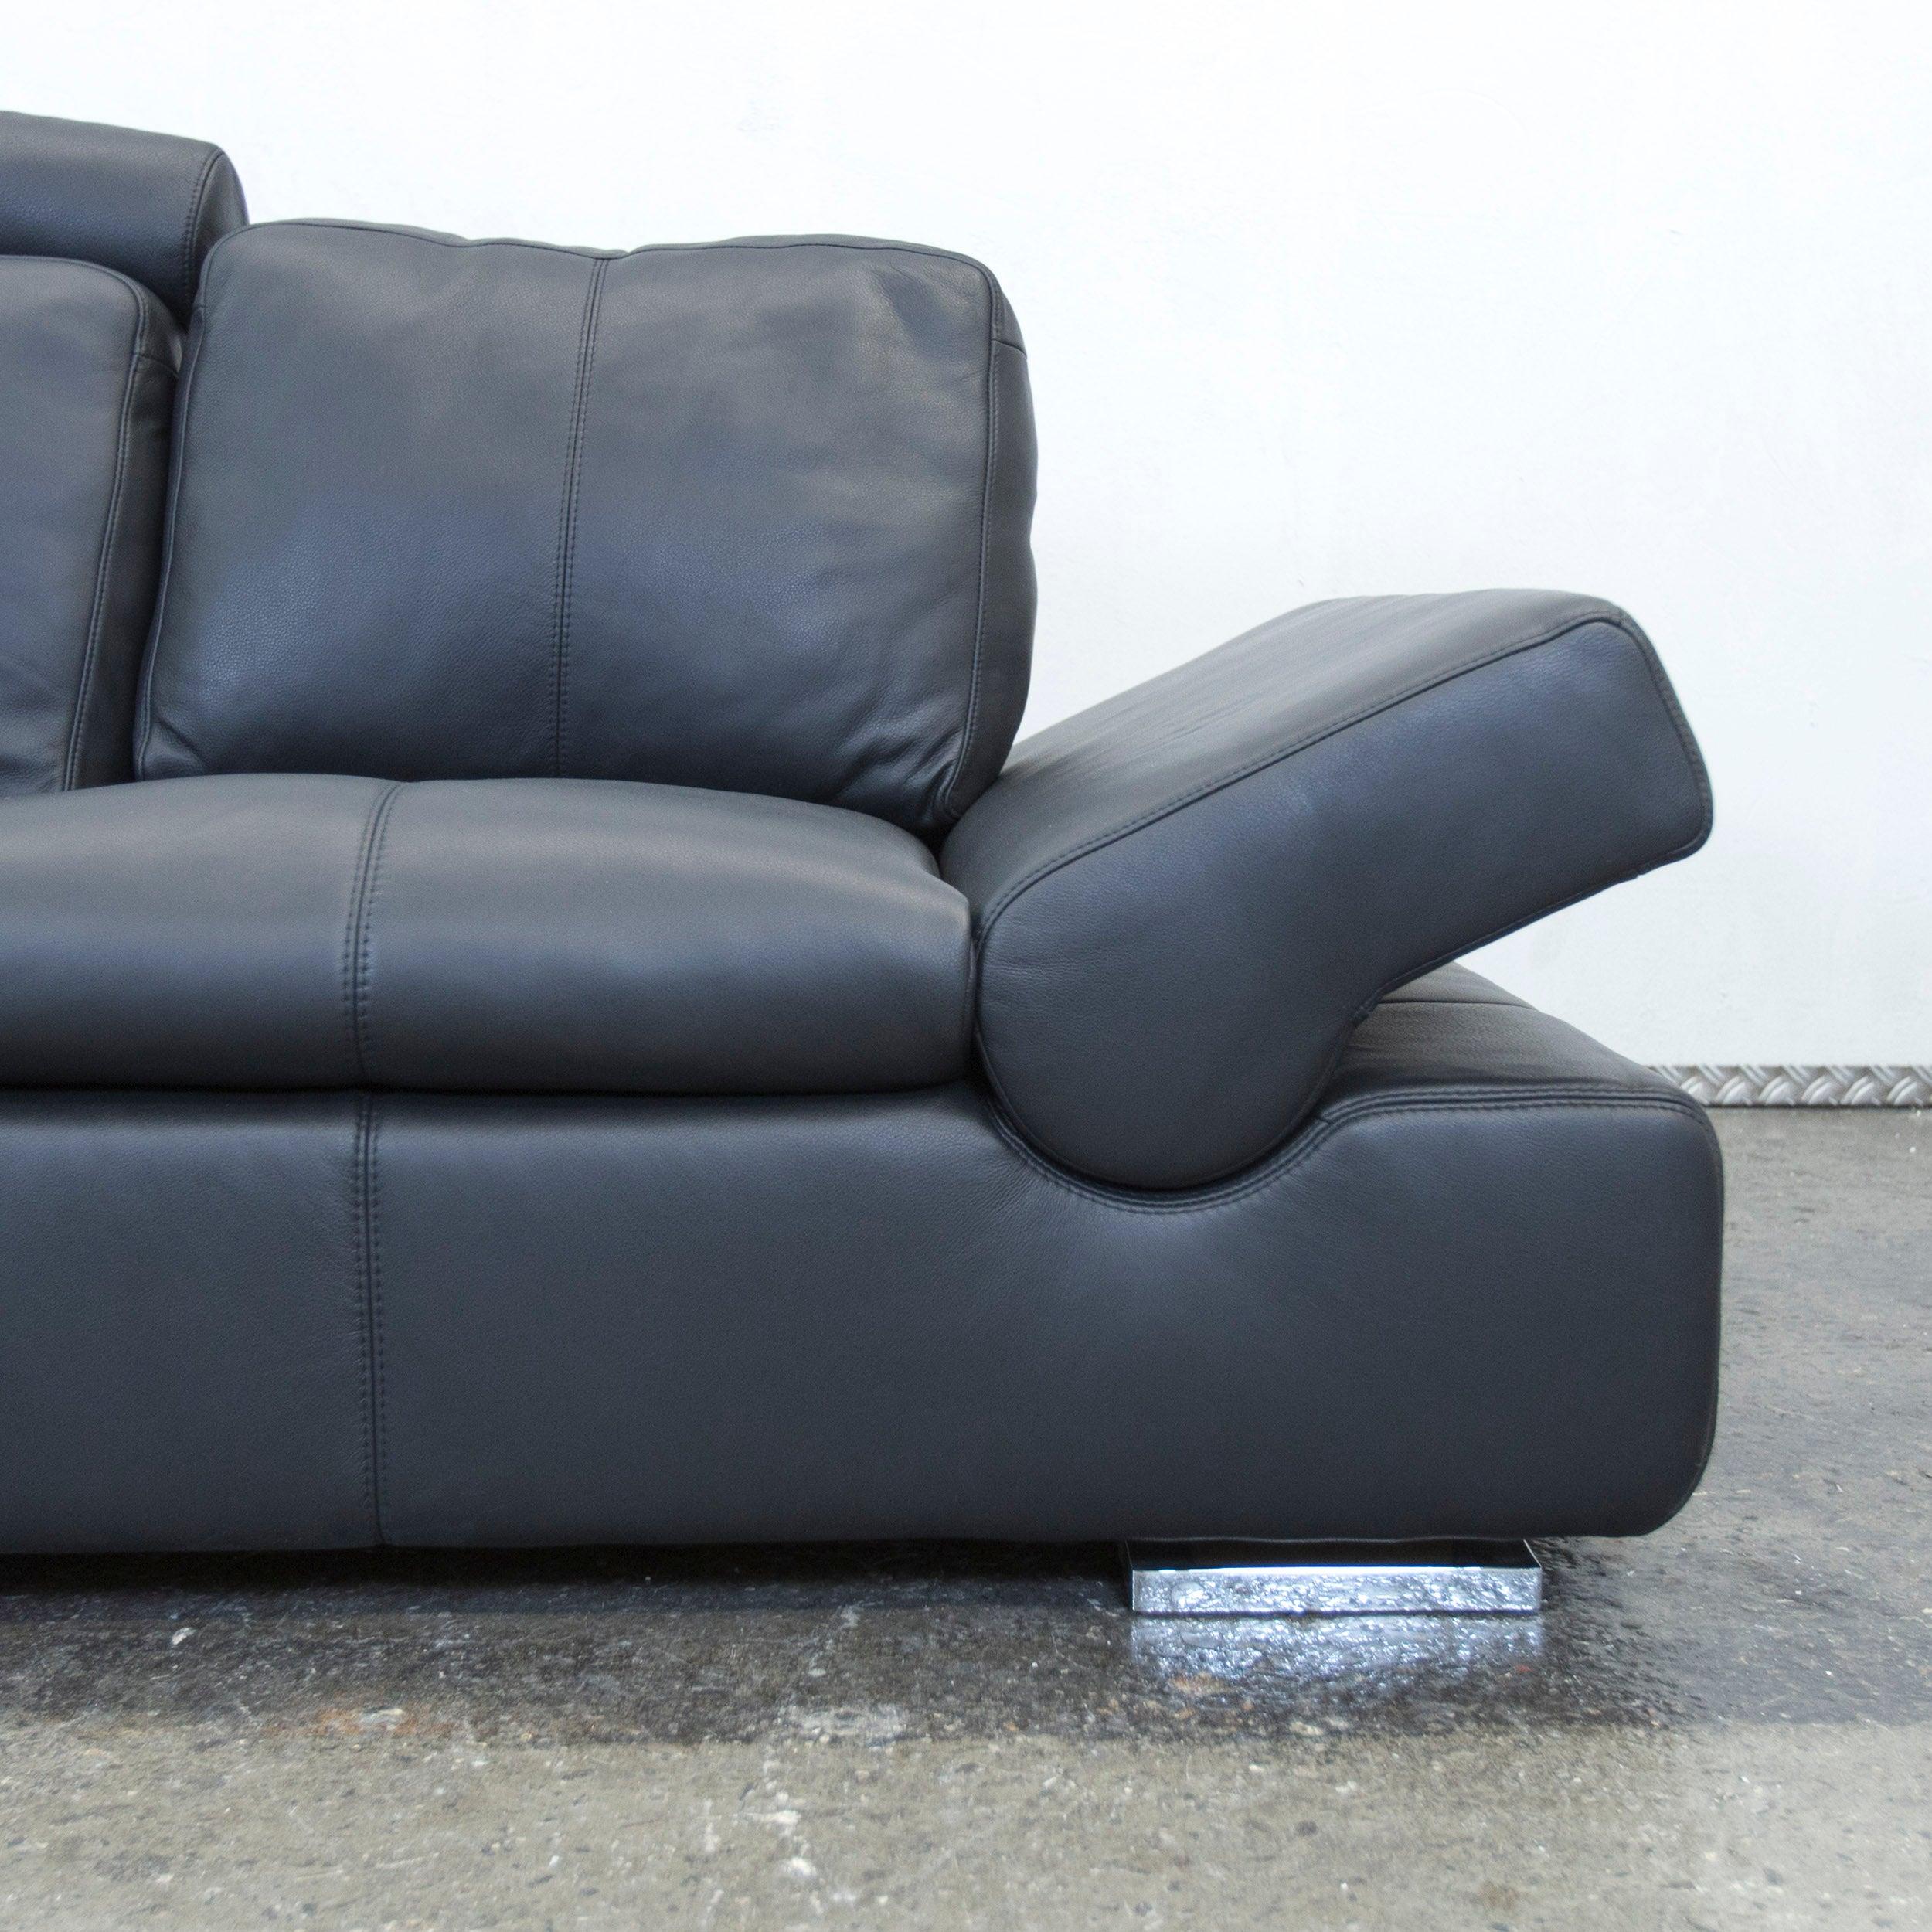 Amüsant Sofa Mit Funktion Sammlung Von Musterring Linea Designer Leather Black Three-seat Couch